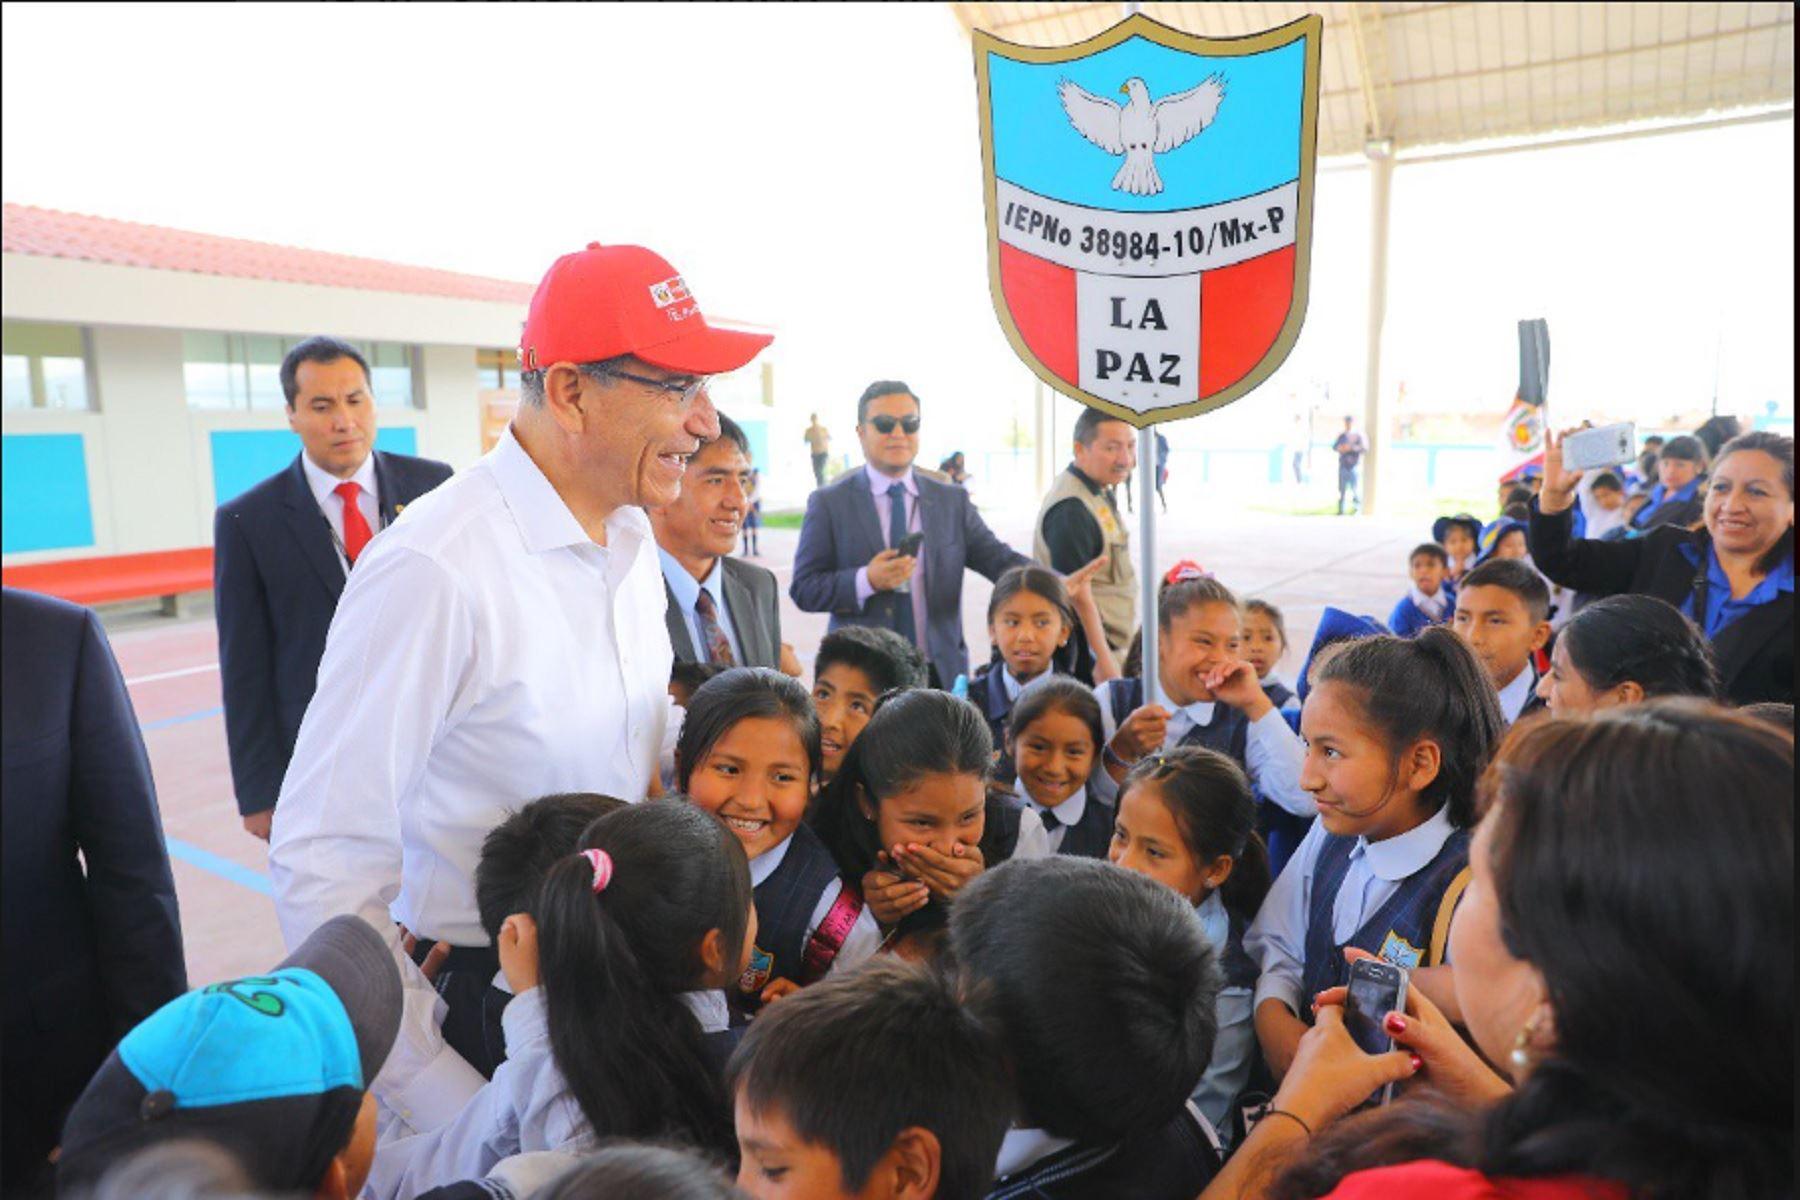 Jefe del Estado inspecciona obras en colegio en Huamanga